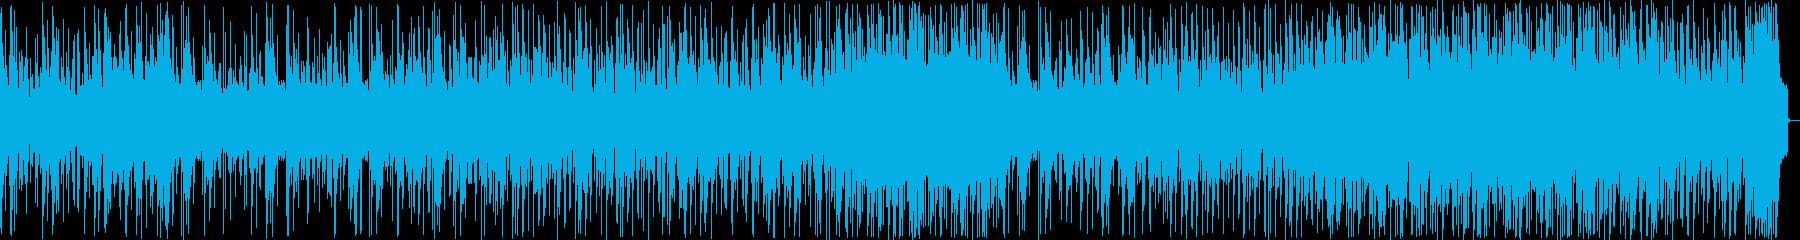 8bit 宇宙空間 スペース をイメージの再生済みの波形